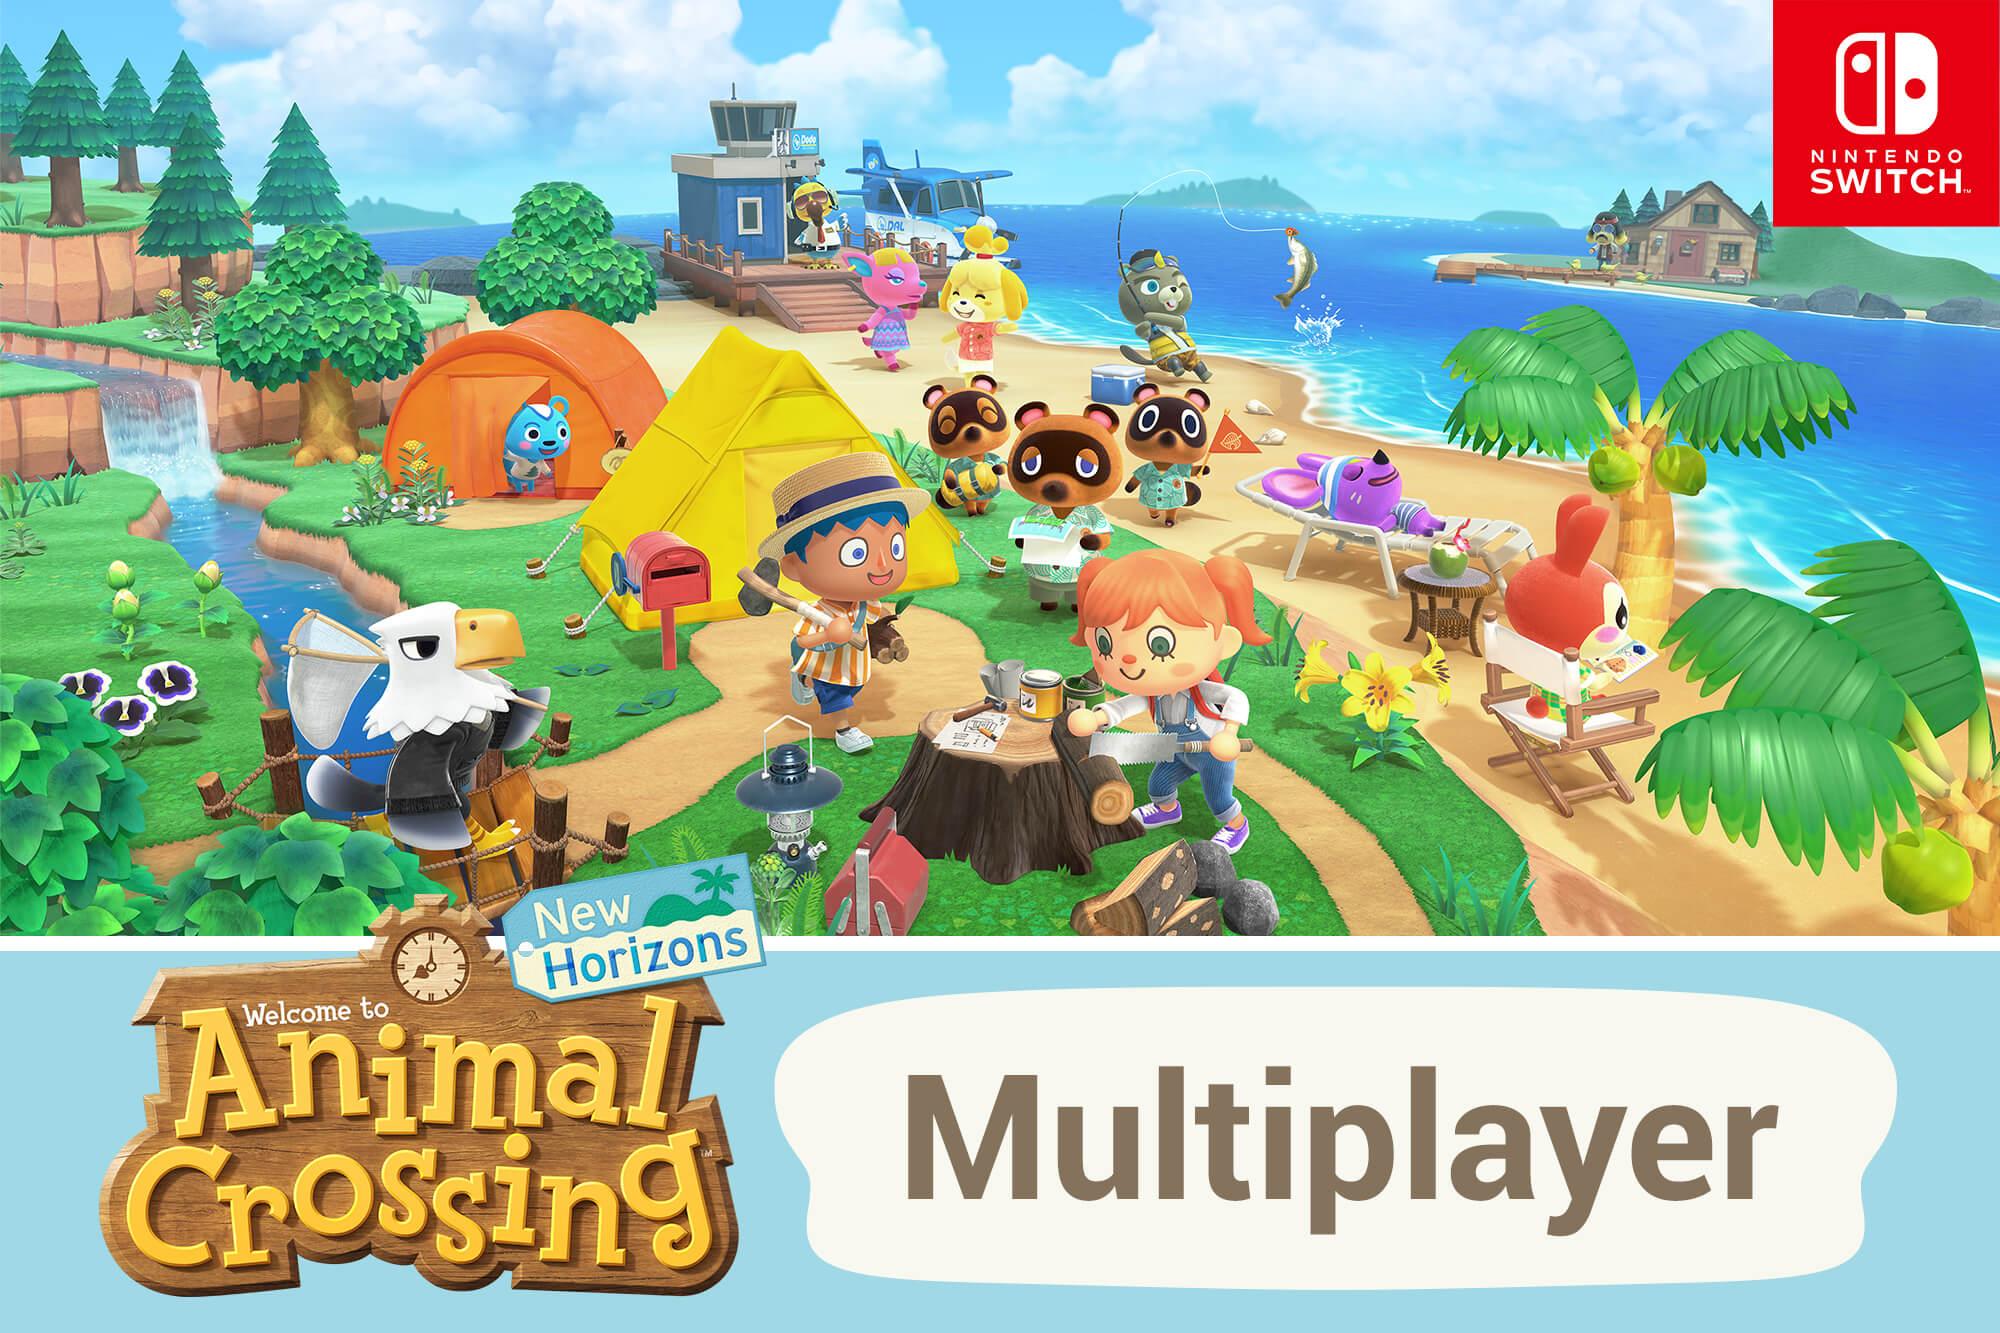 Animal Crossing: New Horizons - Multiplayer